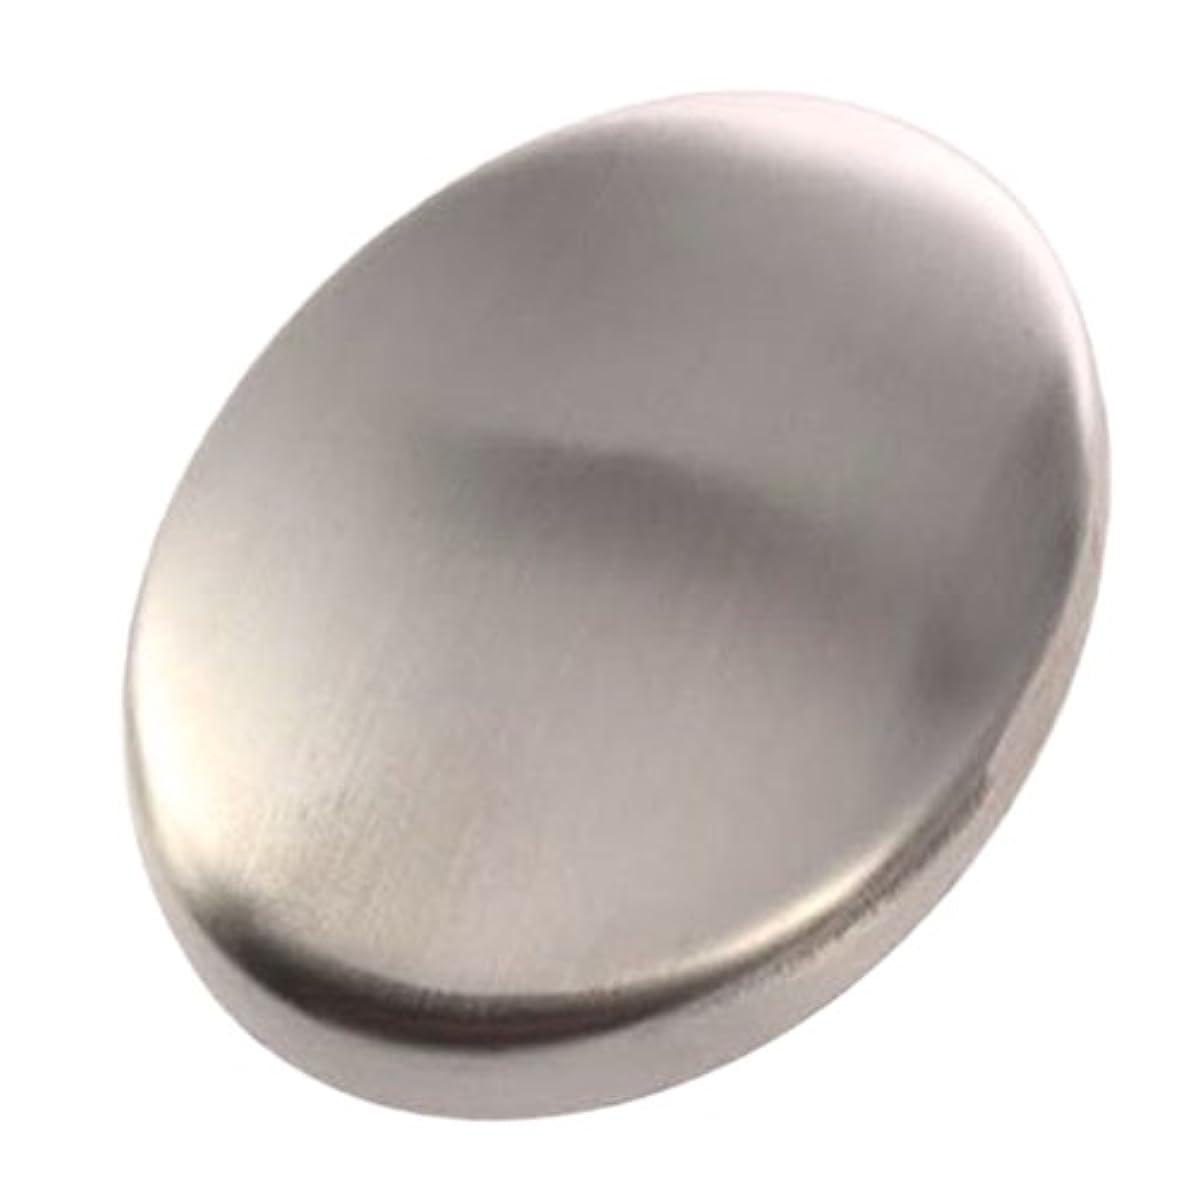 攻撃ウィンクアクセントZafina ステンレスソープ 円形 においとりソープ 臭い取り ステンレス石鹸